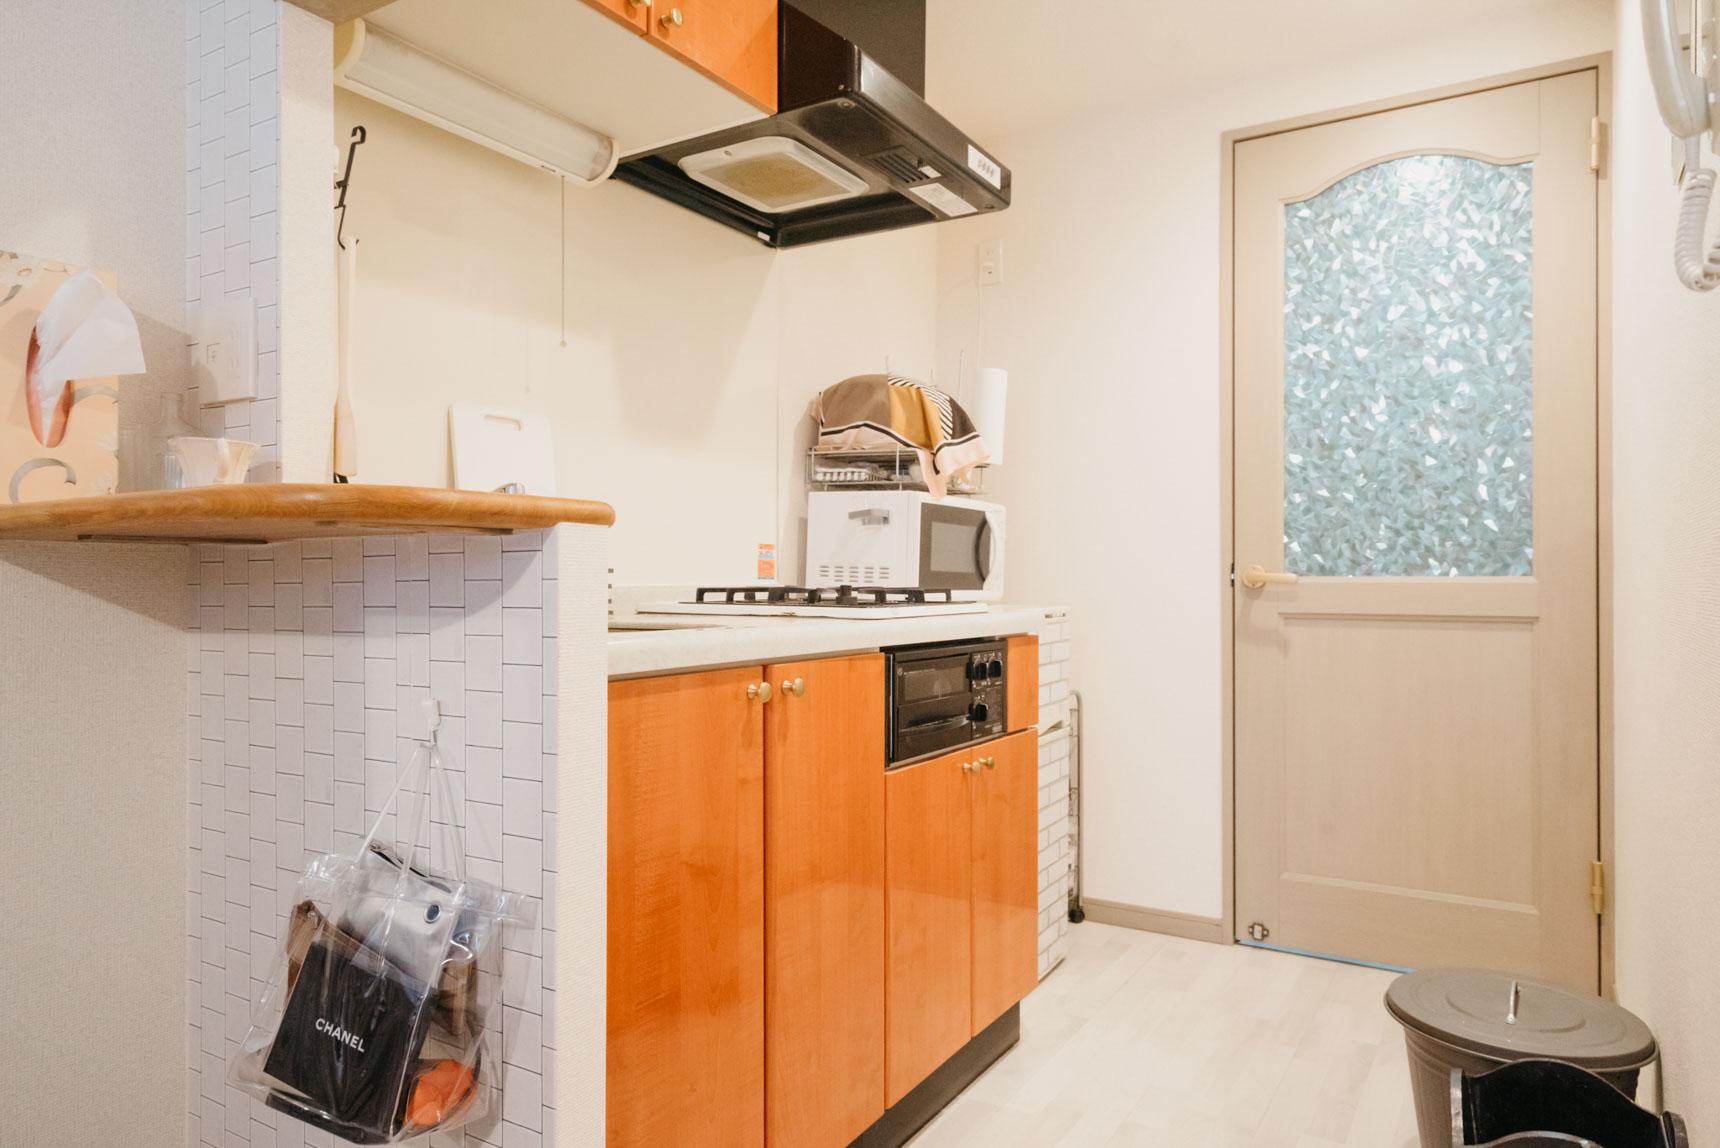 一人暮らしではこれが3部屋目とのこと。前に住んでいたお部屋もグレー、ピンクで統一されていたため、床がグレーなことと、この可愛らしいドアが決め手になったそう。